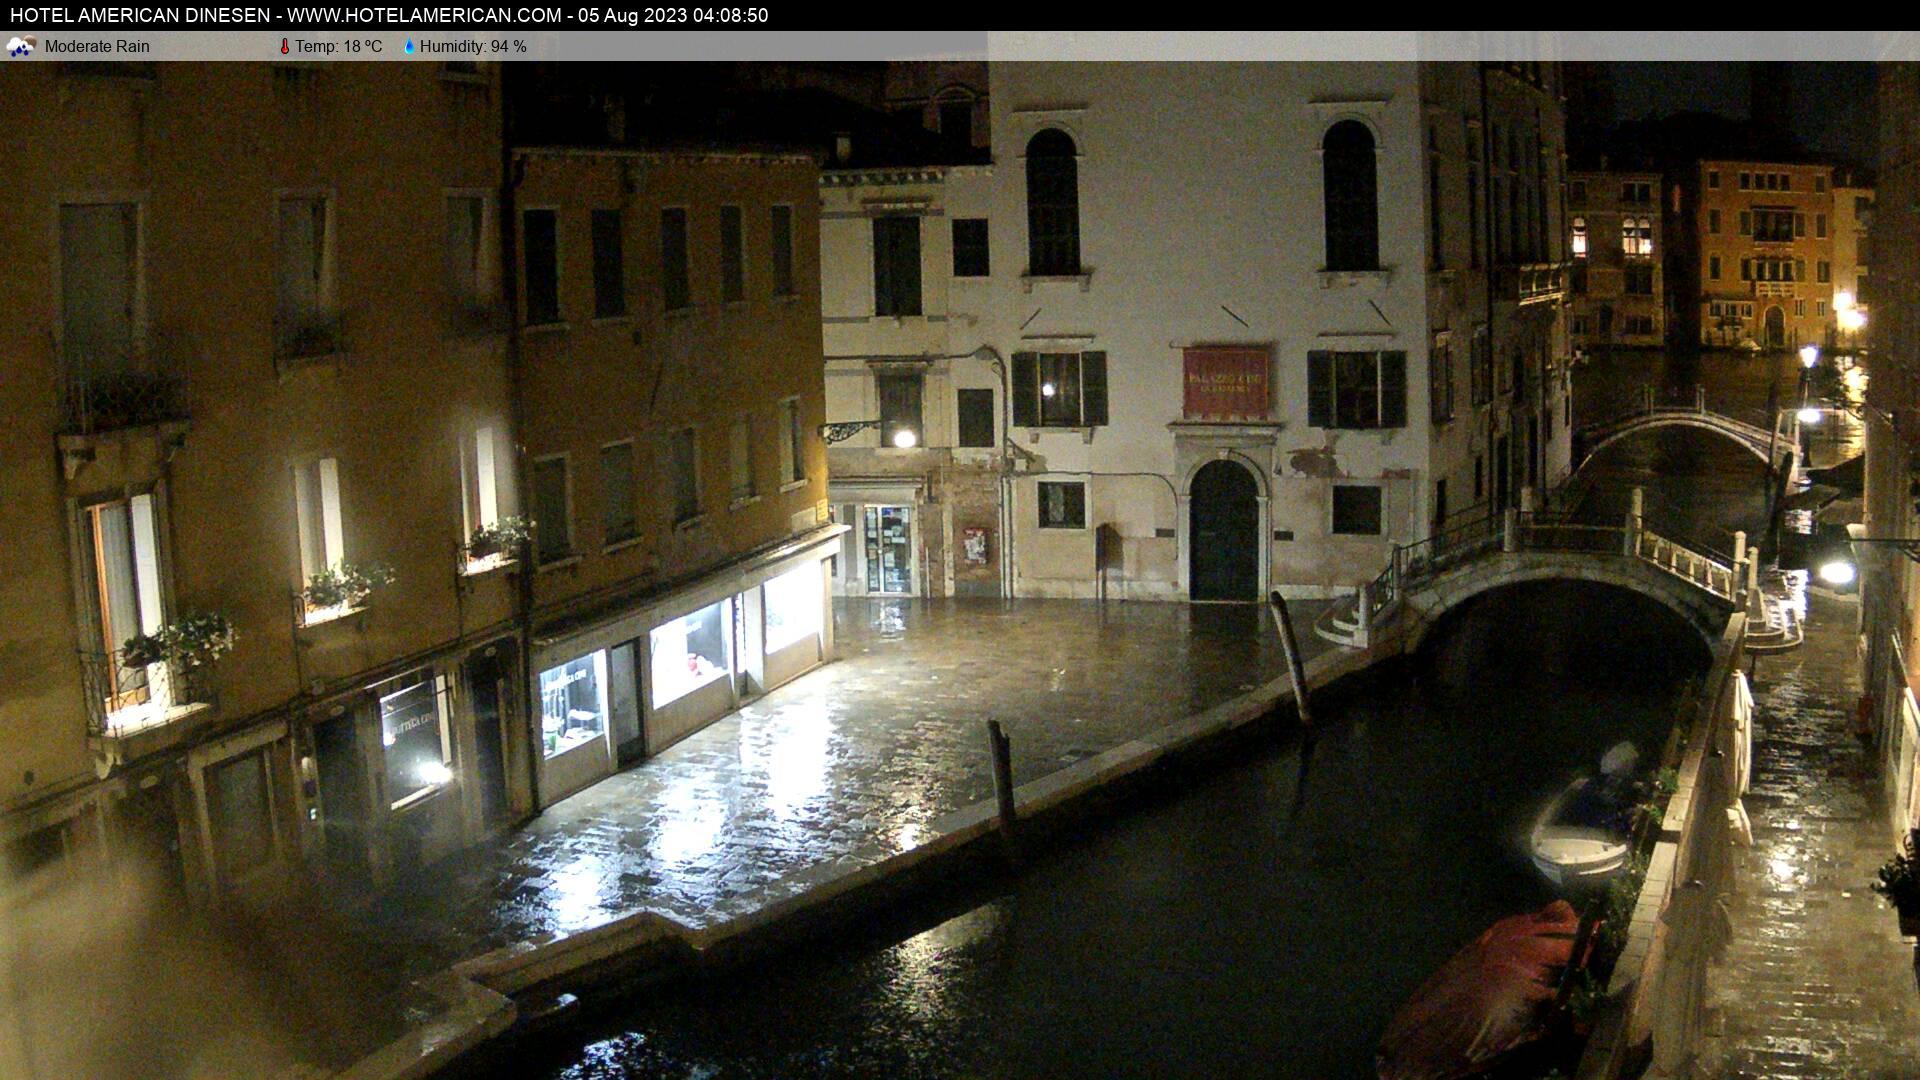 Venedig So. 04:08